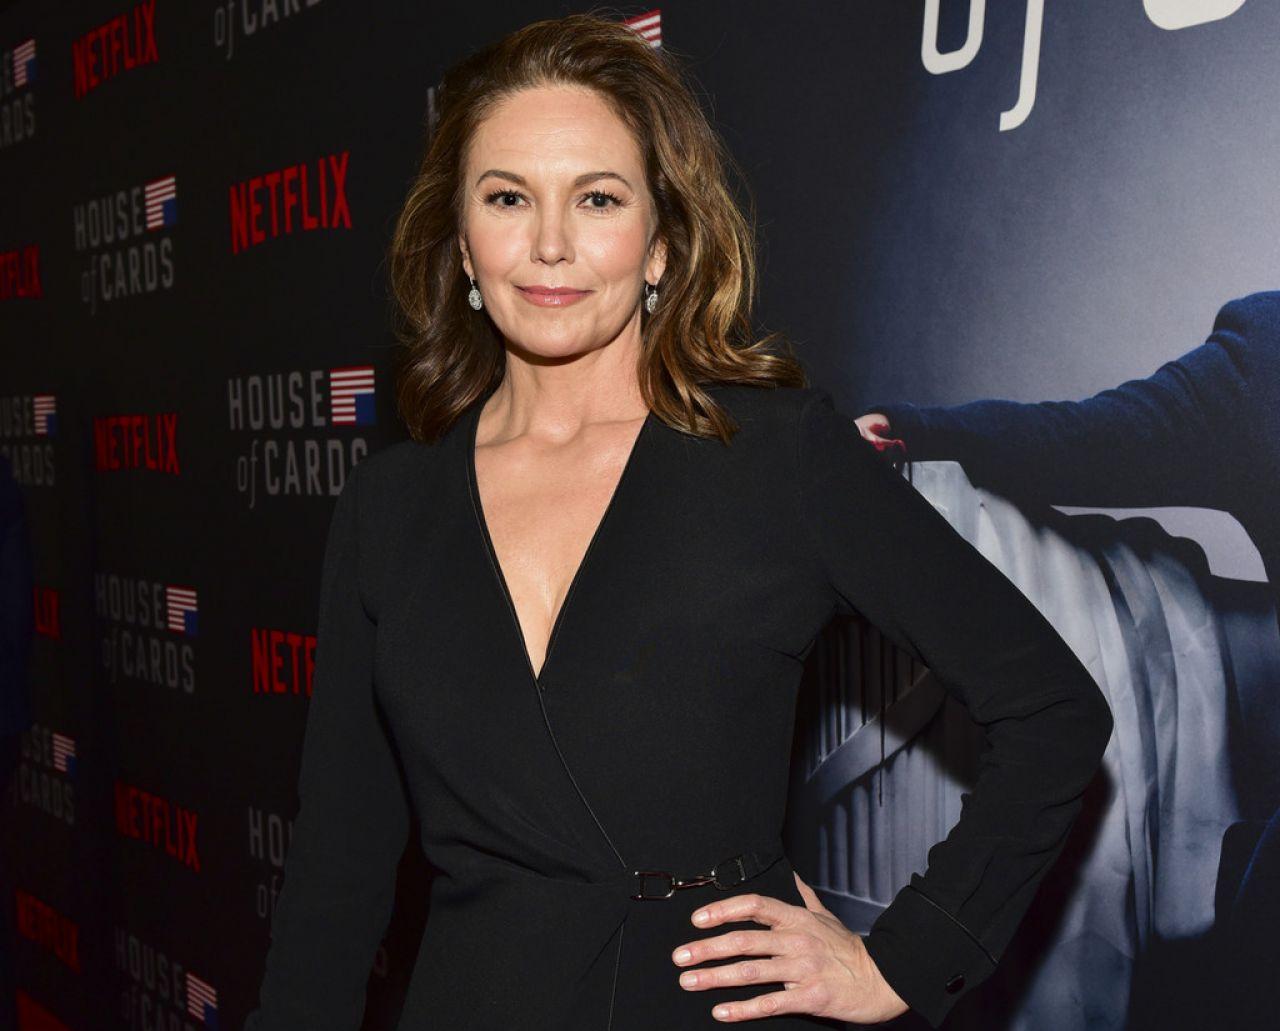 Diane Lane Netflixs House Of Cards Season 6 Premiere